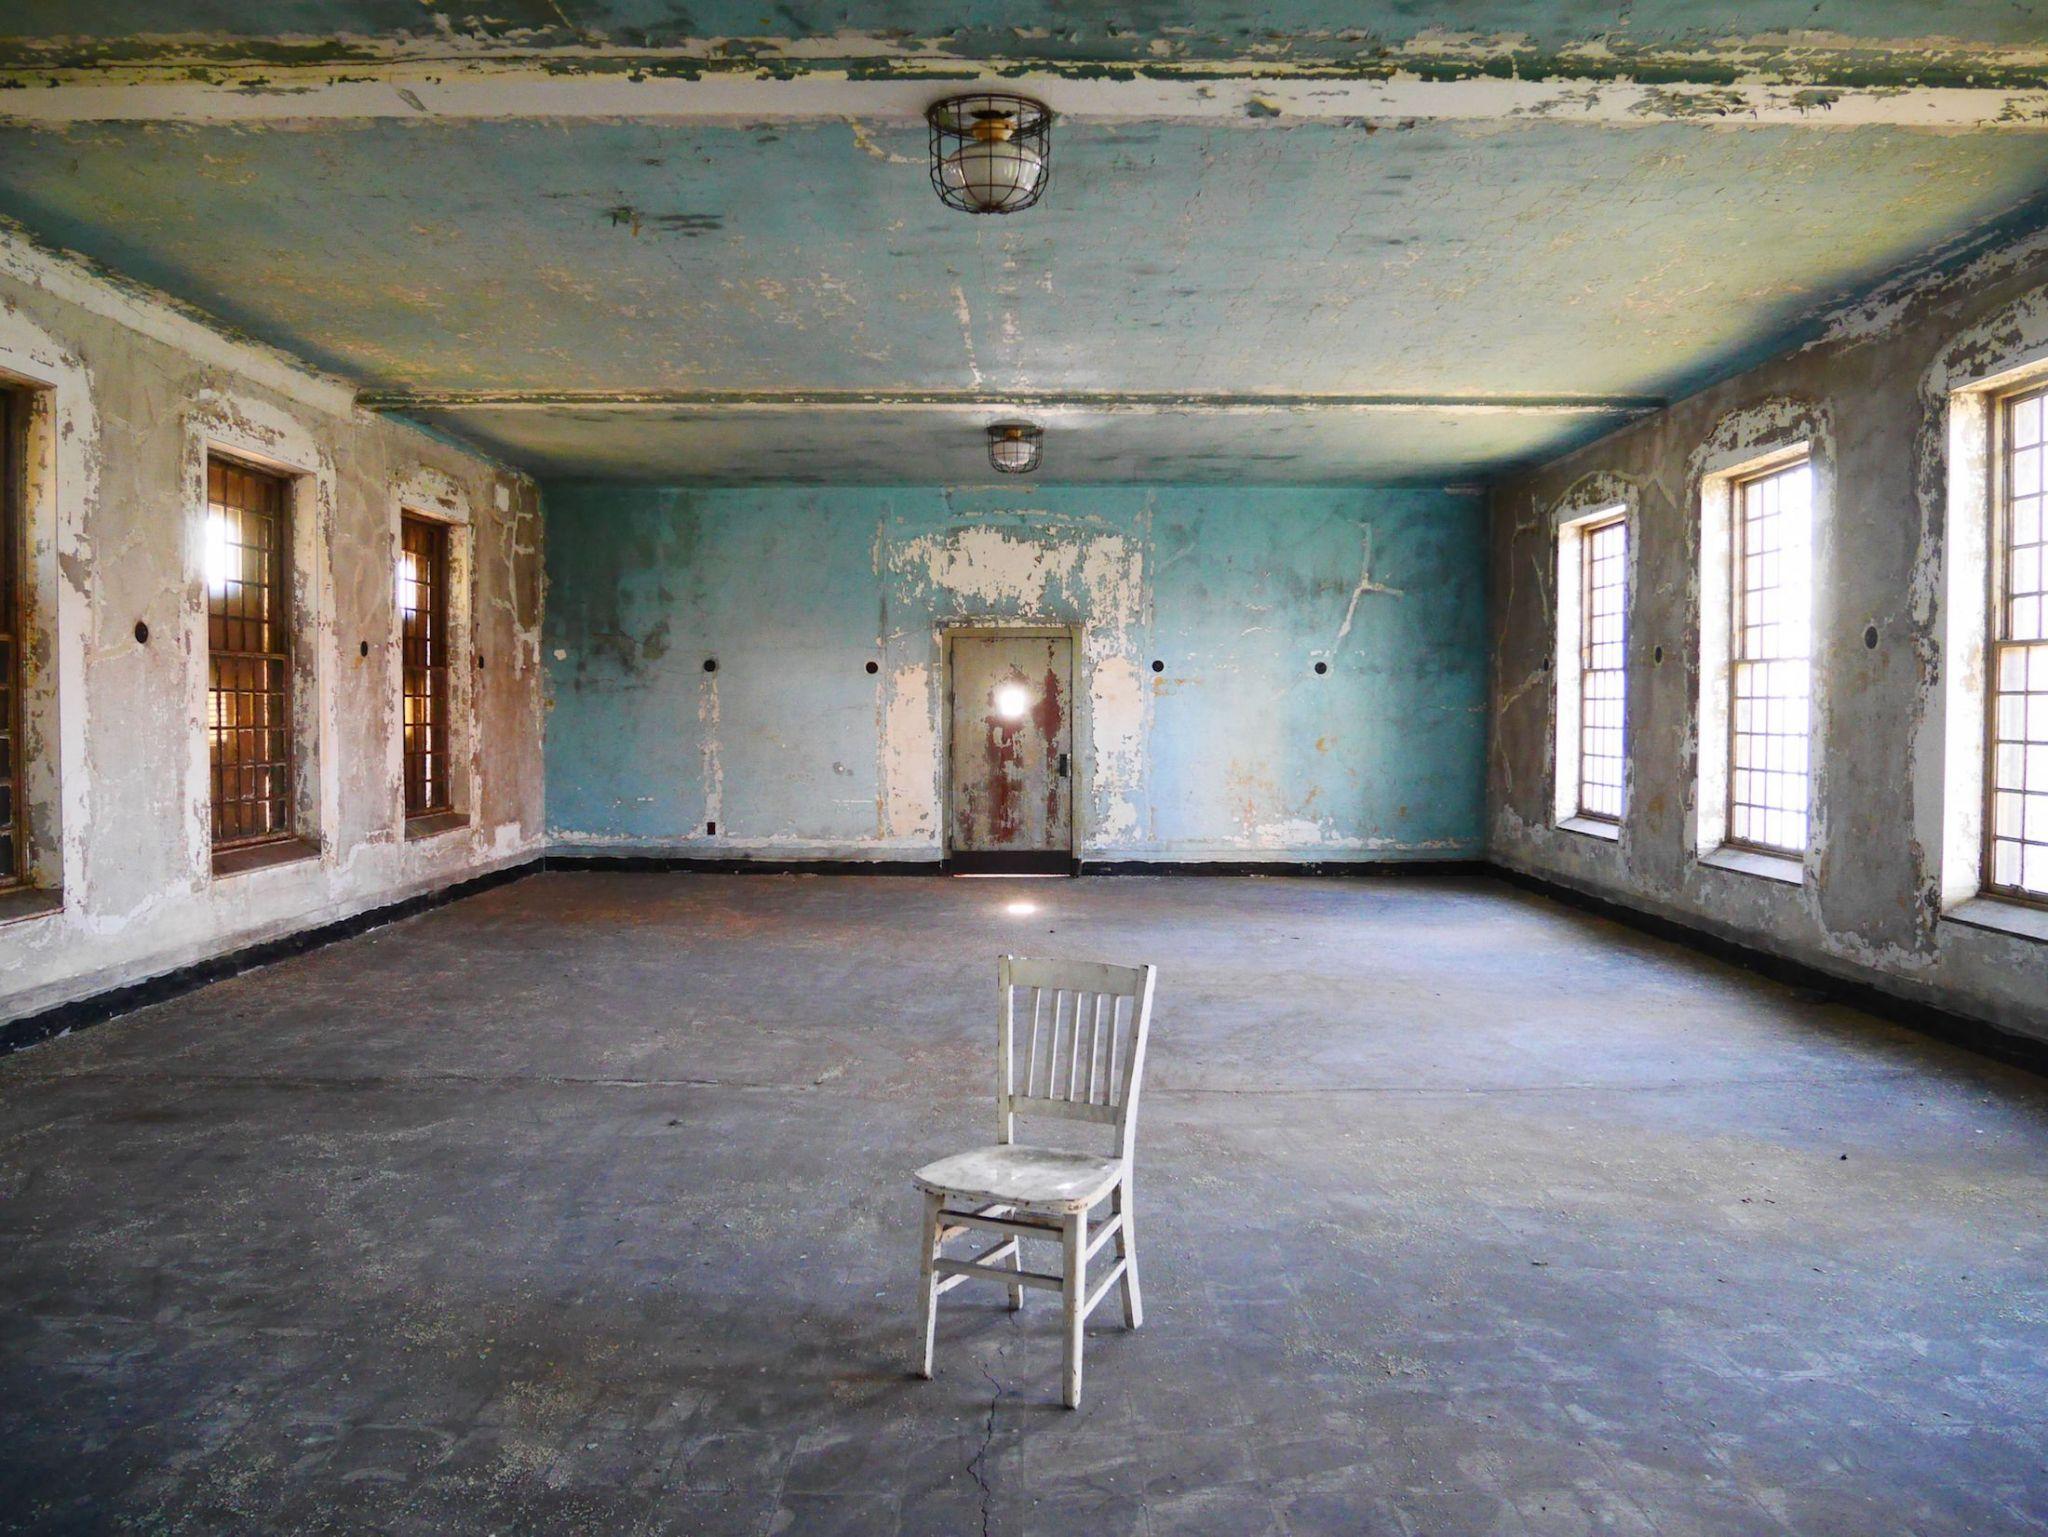 I Toured Ellis Island S Eerie Abandoned Hospital Take A